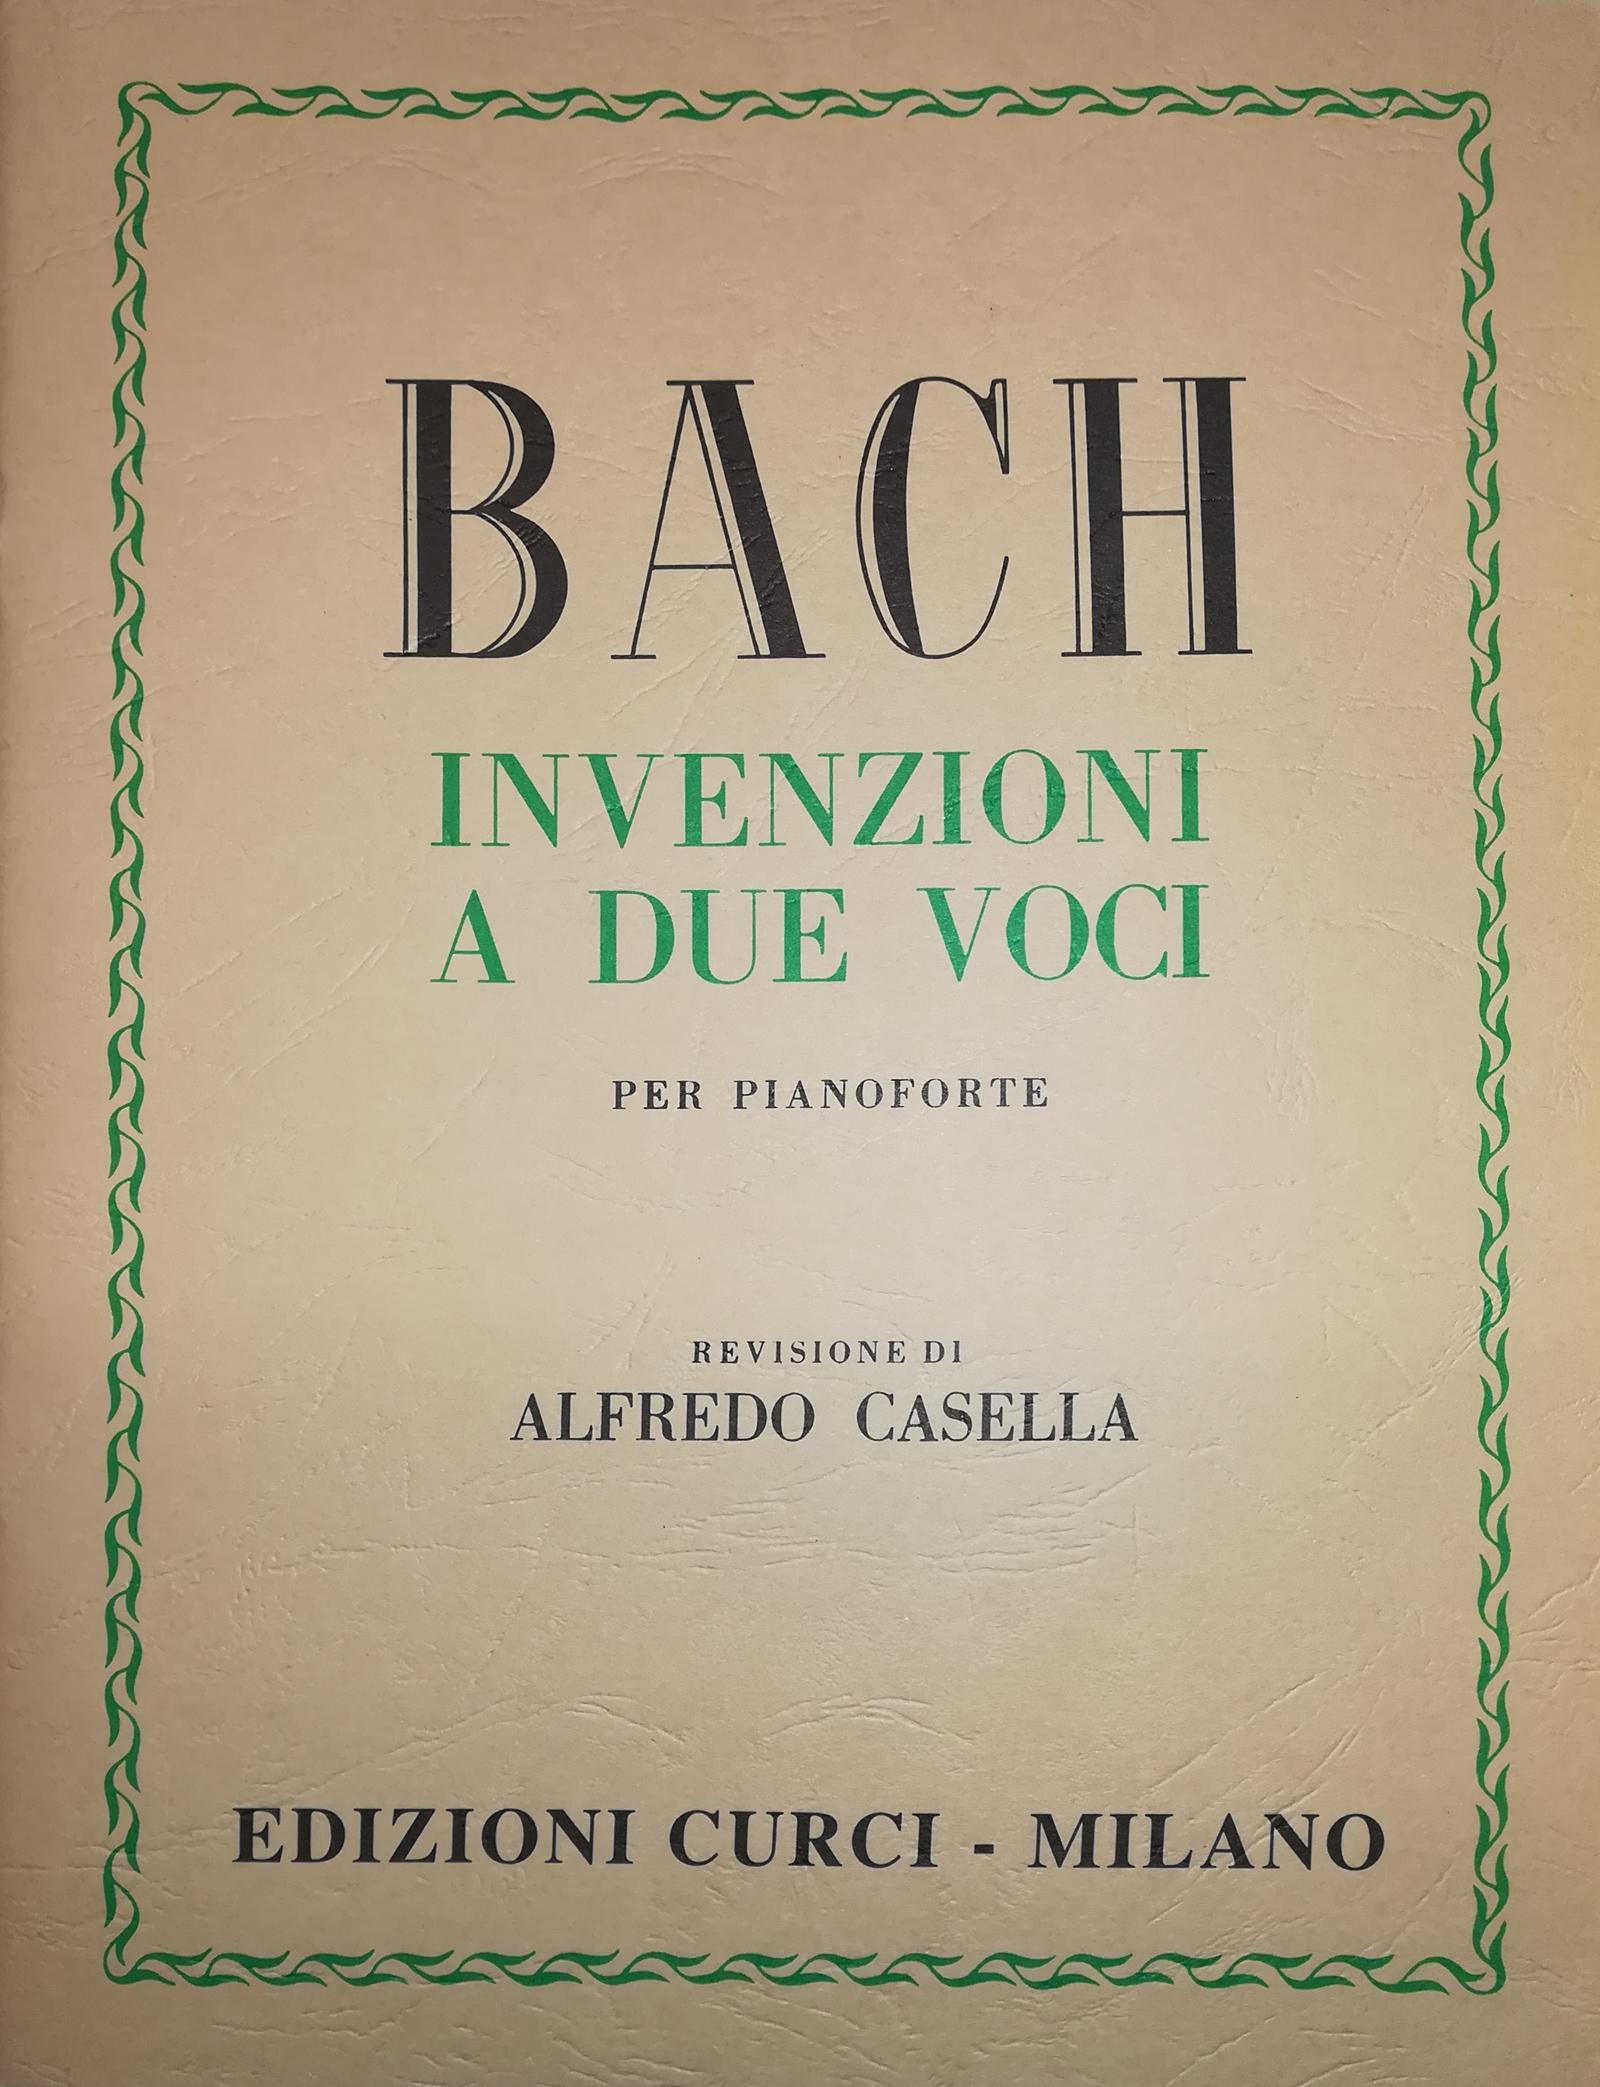 CURCI BACH Invenzioni a due voci per pianoforte - REV DI ALFREDO CASELLA